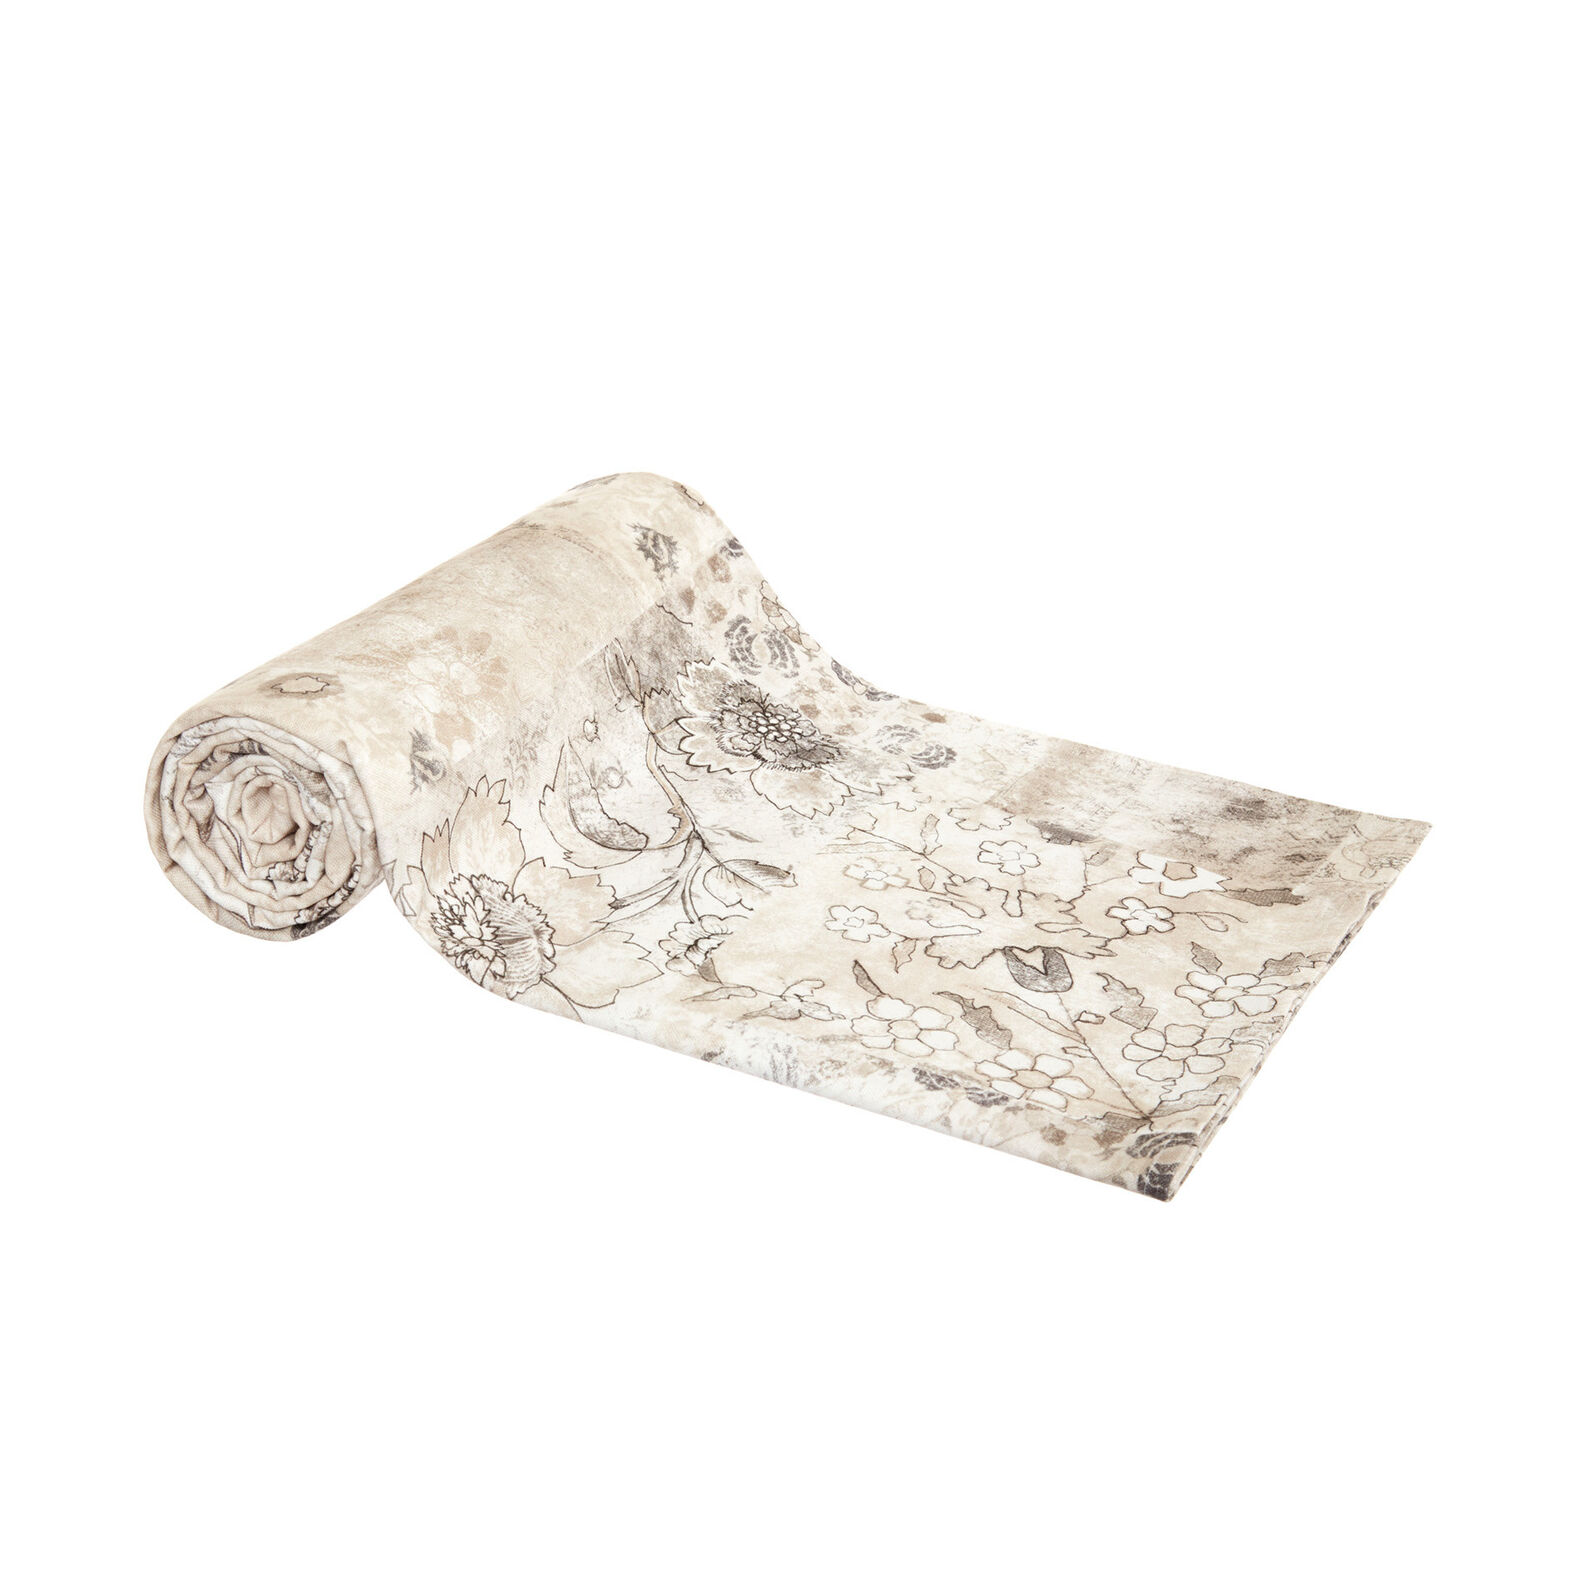 Vintage motif 100% cotton towel